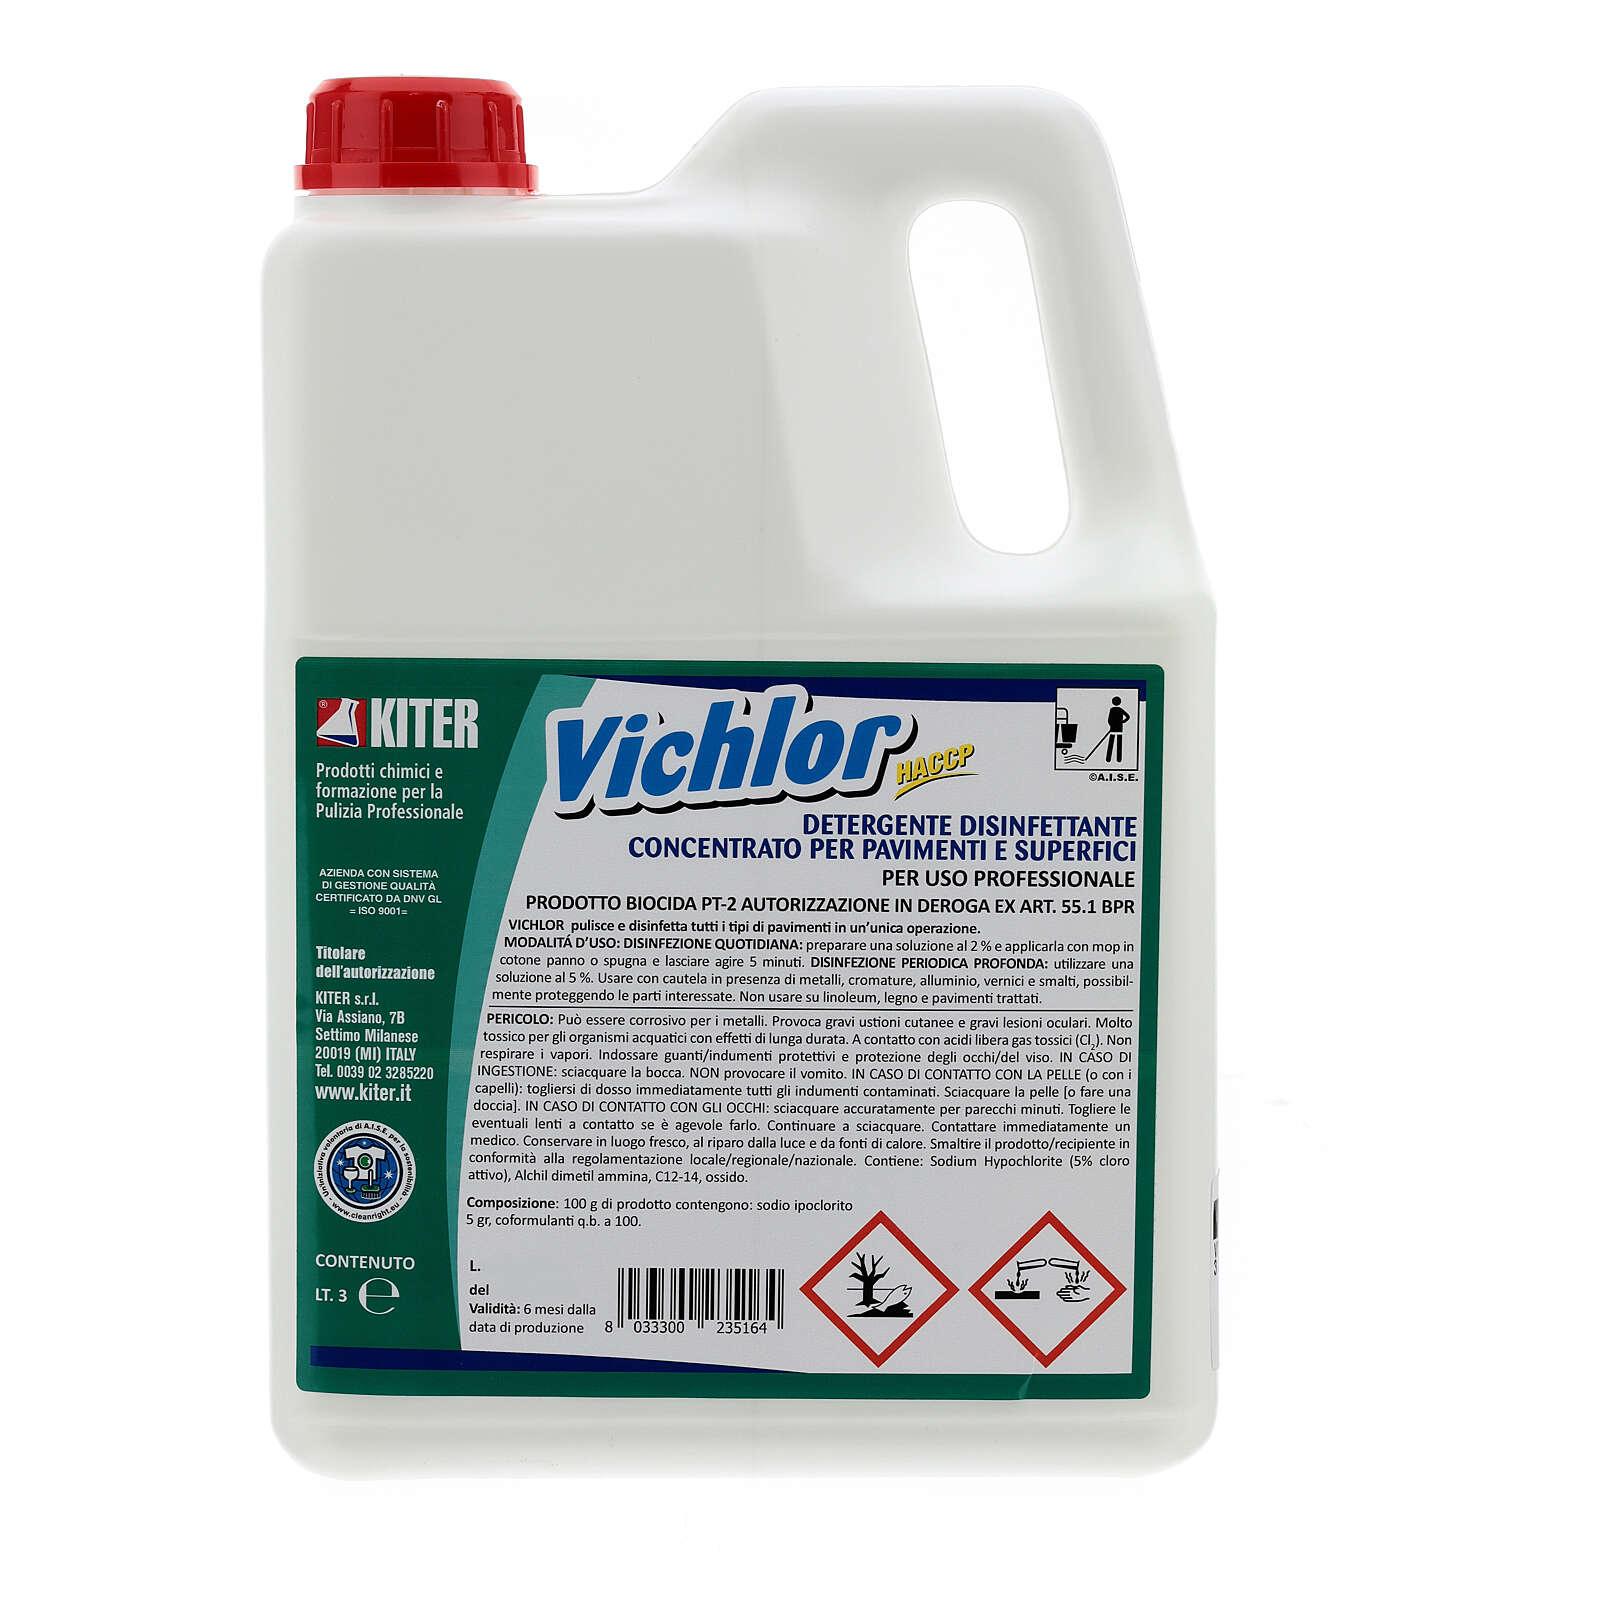 Desinfektionsmittel Vichlor, Biozid, 3 Liter 3